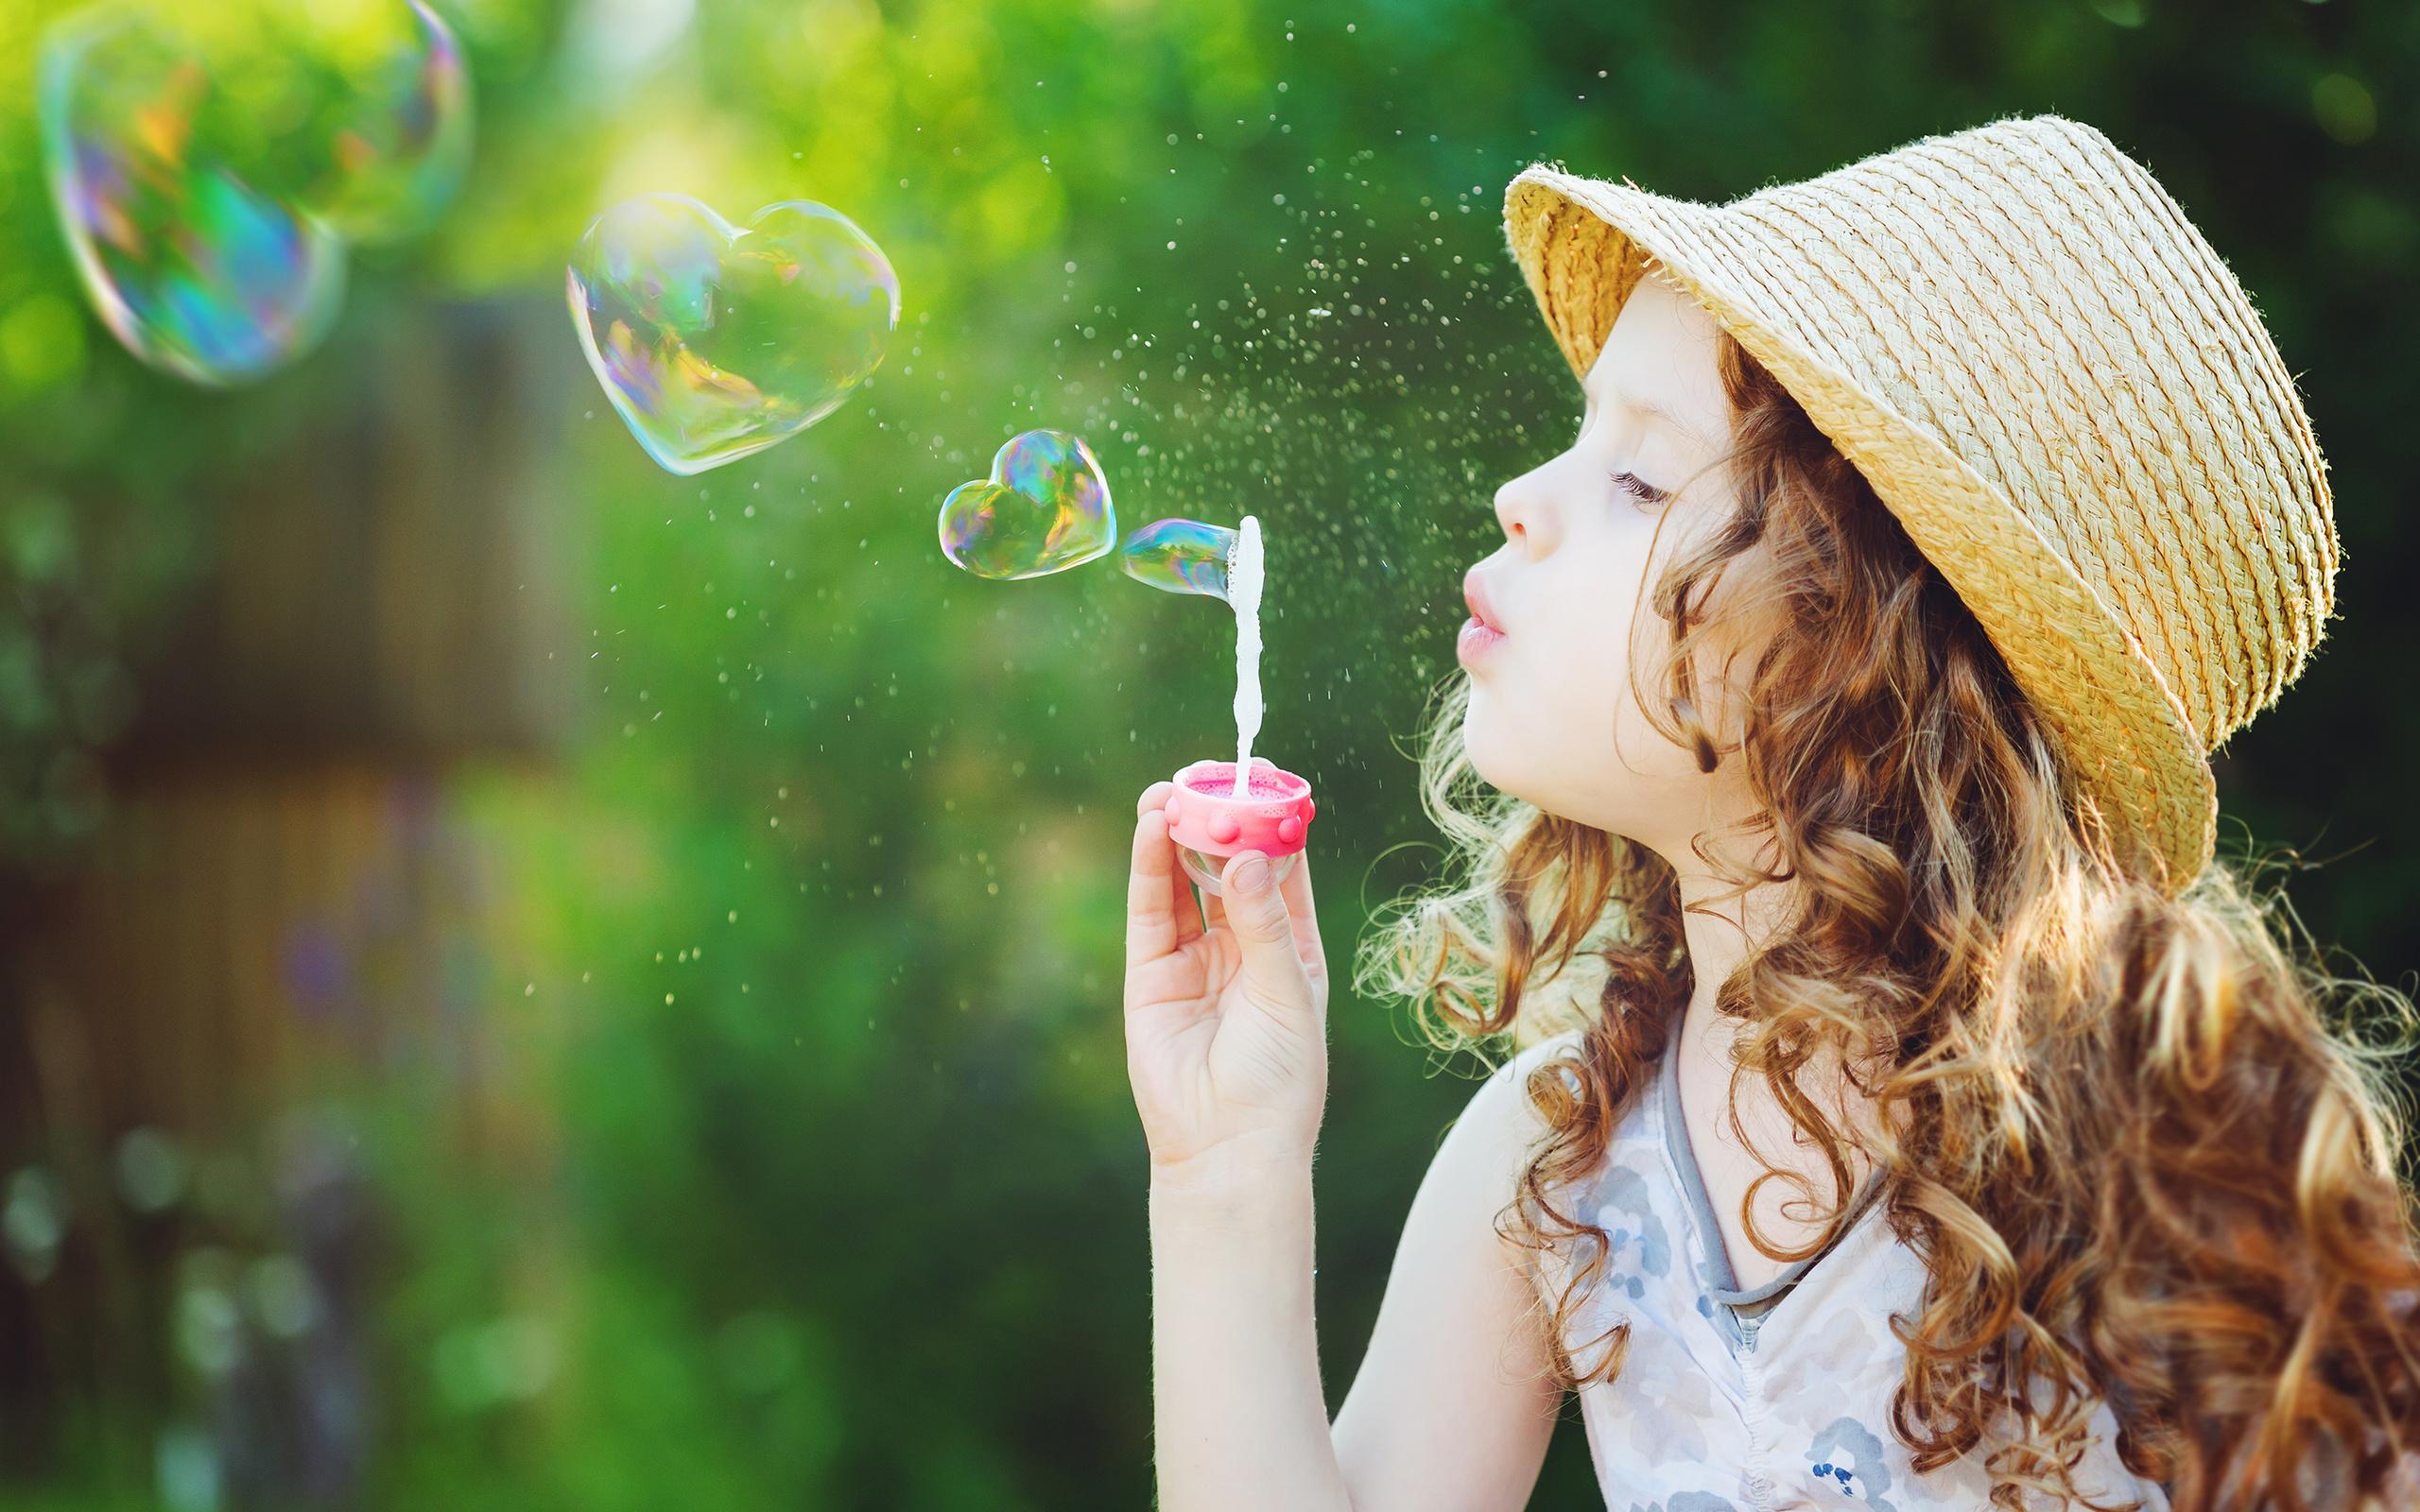 Просьбой помощи, прикольные картинки с мыльными пузырями